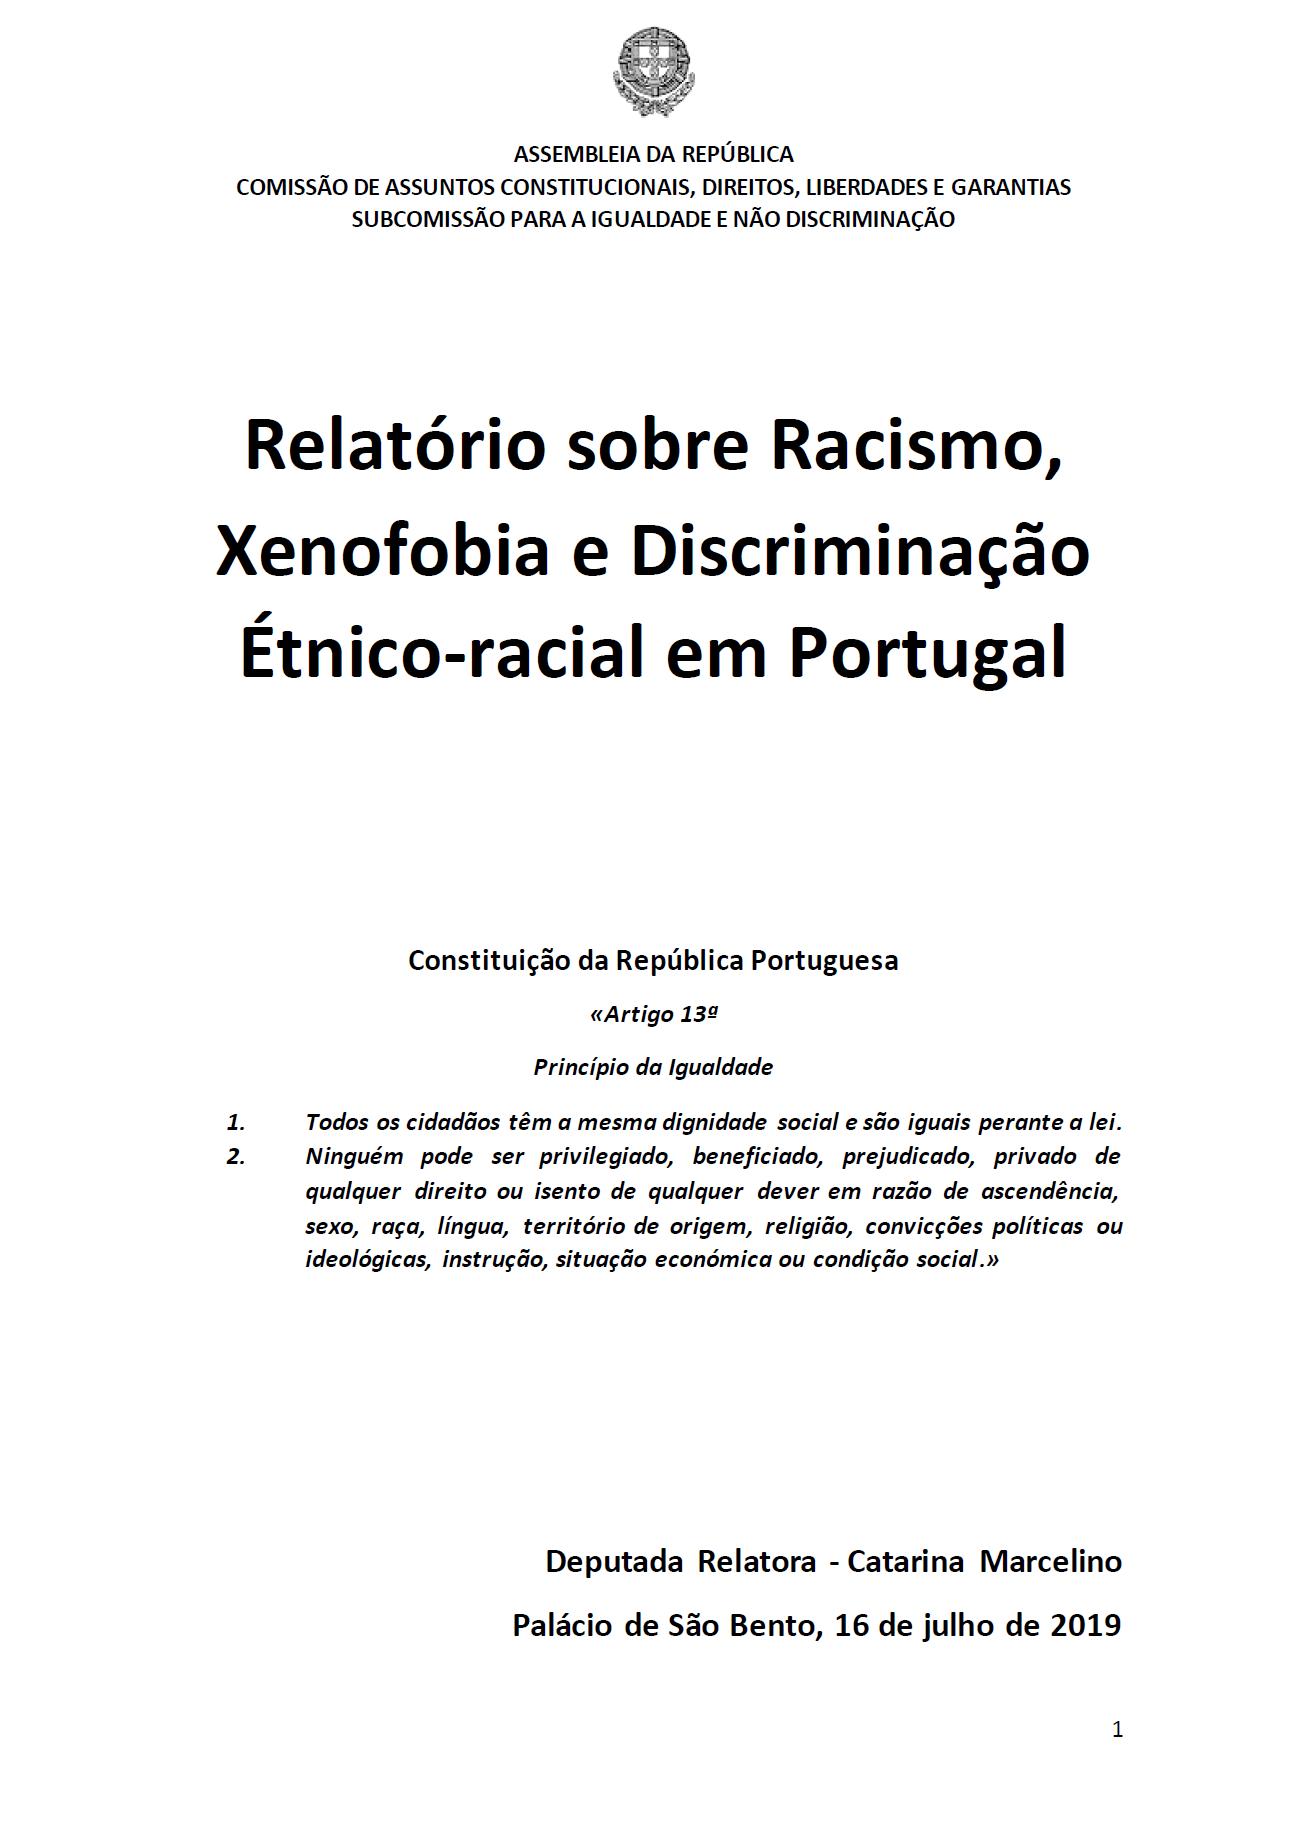 Relatório-sobre-Racismo,-Xenofobia-e-Discriminação-Étnico-racial-em-Portugal relatório sobre racismo, xenofobia e discriminação Étnico-racial em portugal Relatório sobre Racismo, Xenofobia e Discriminação Étnico-racial em Portugal Relatorio sobre Racismo Xenofobia e Discriminacao Etnico racial em Portugal capa